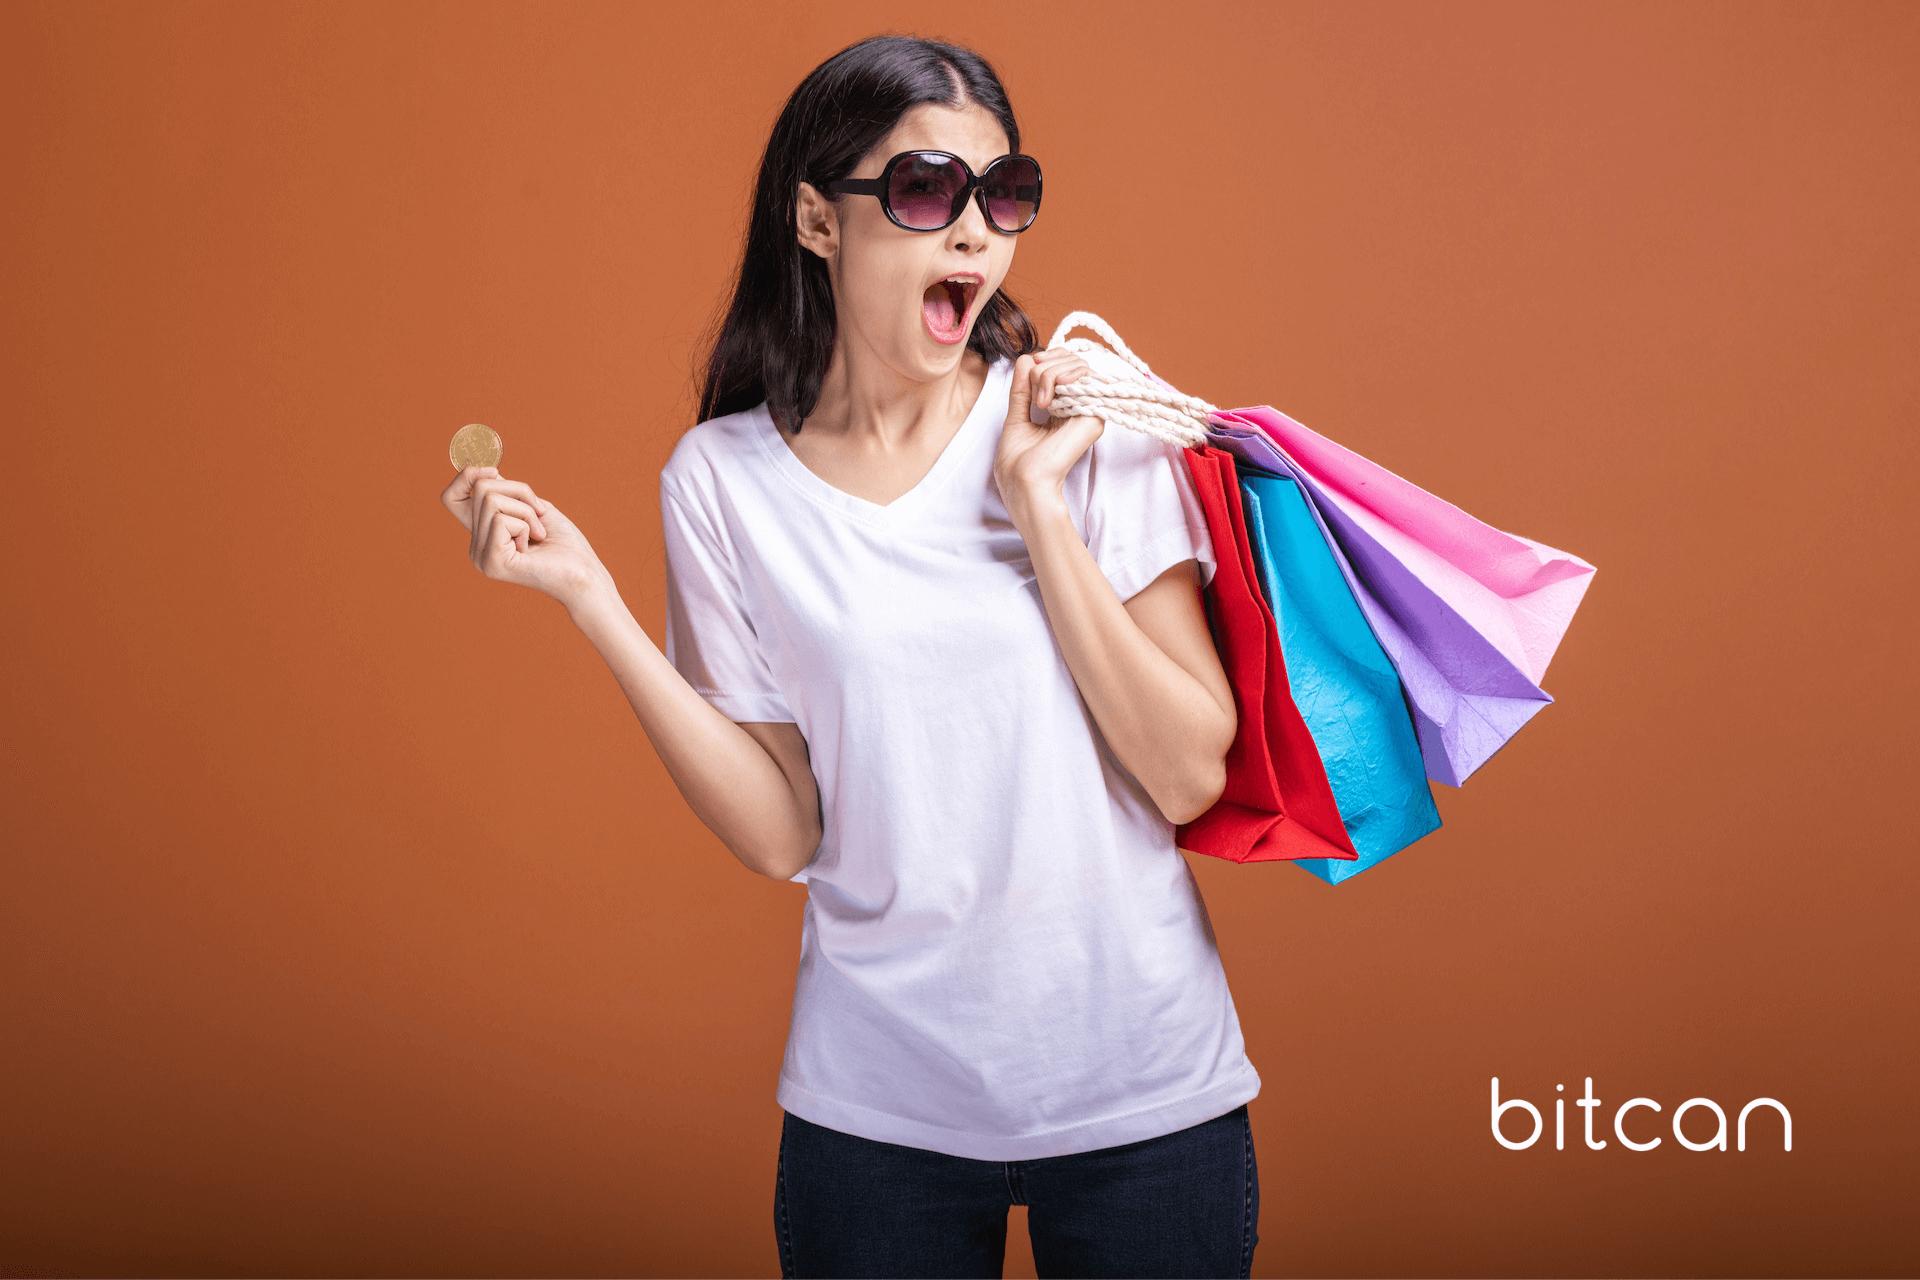 Jak zapłacić bitcoinem? Gdzie i za co możesz zapłacić kryptowalutą?